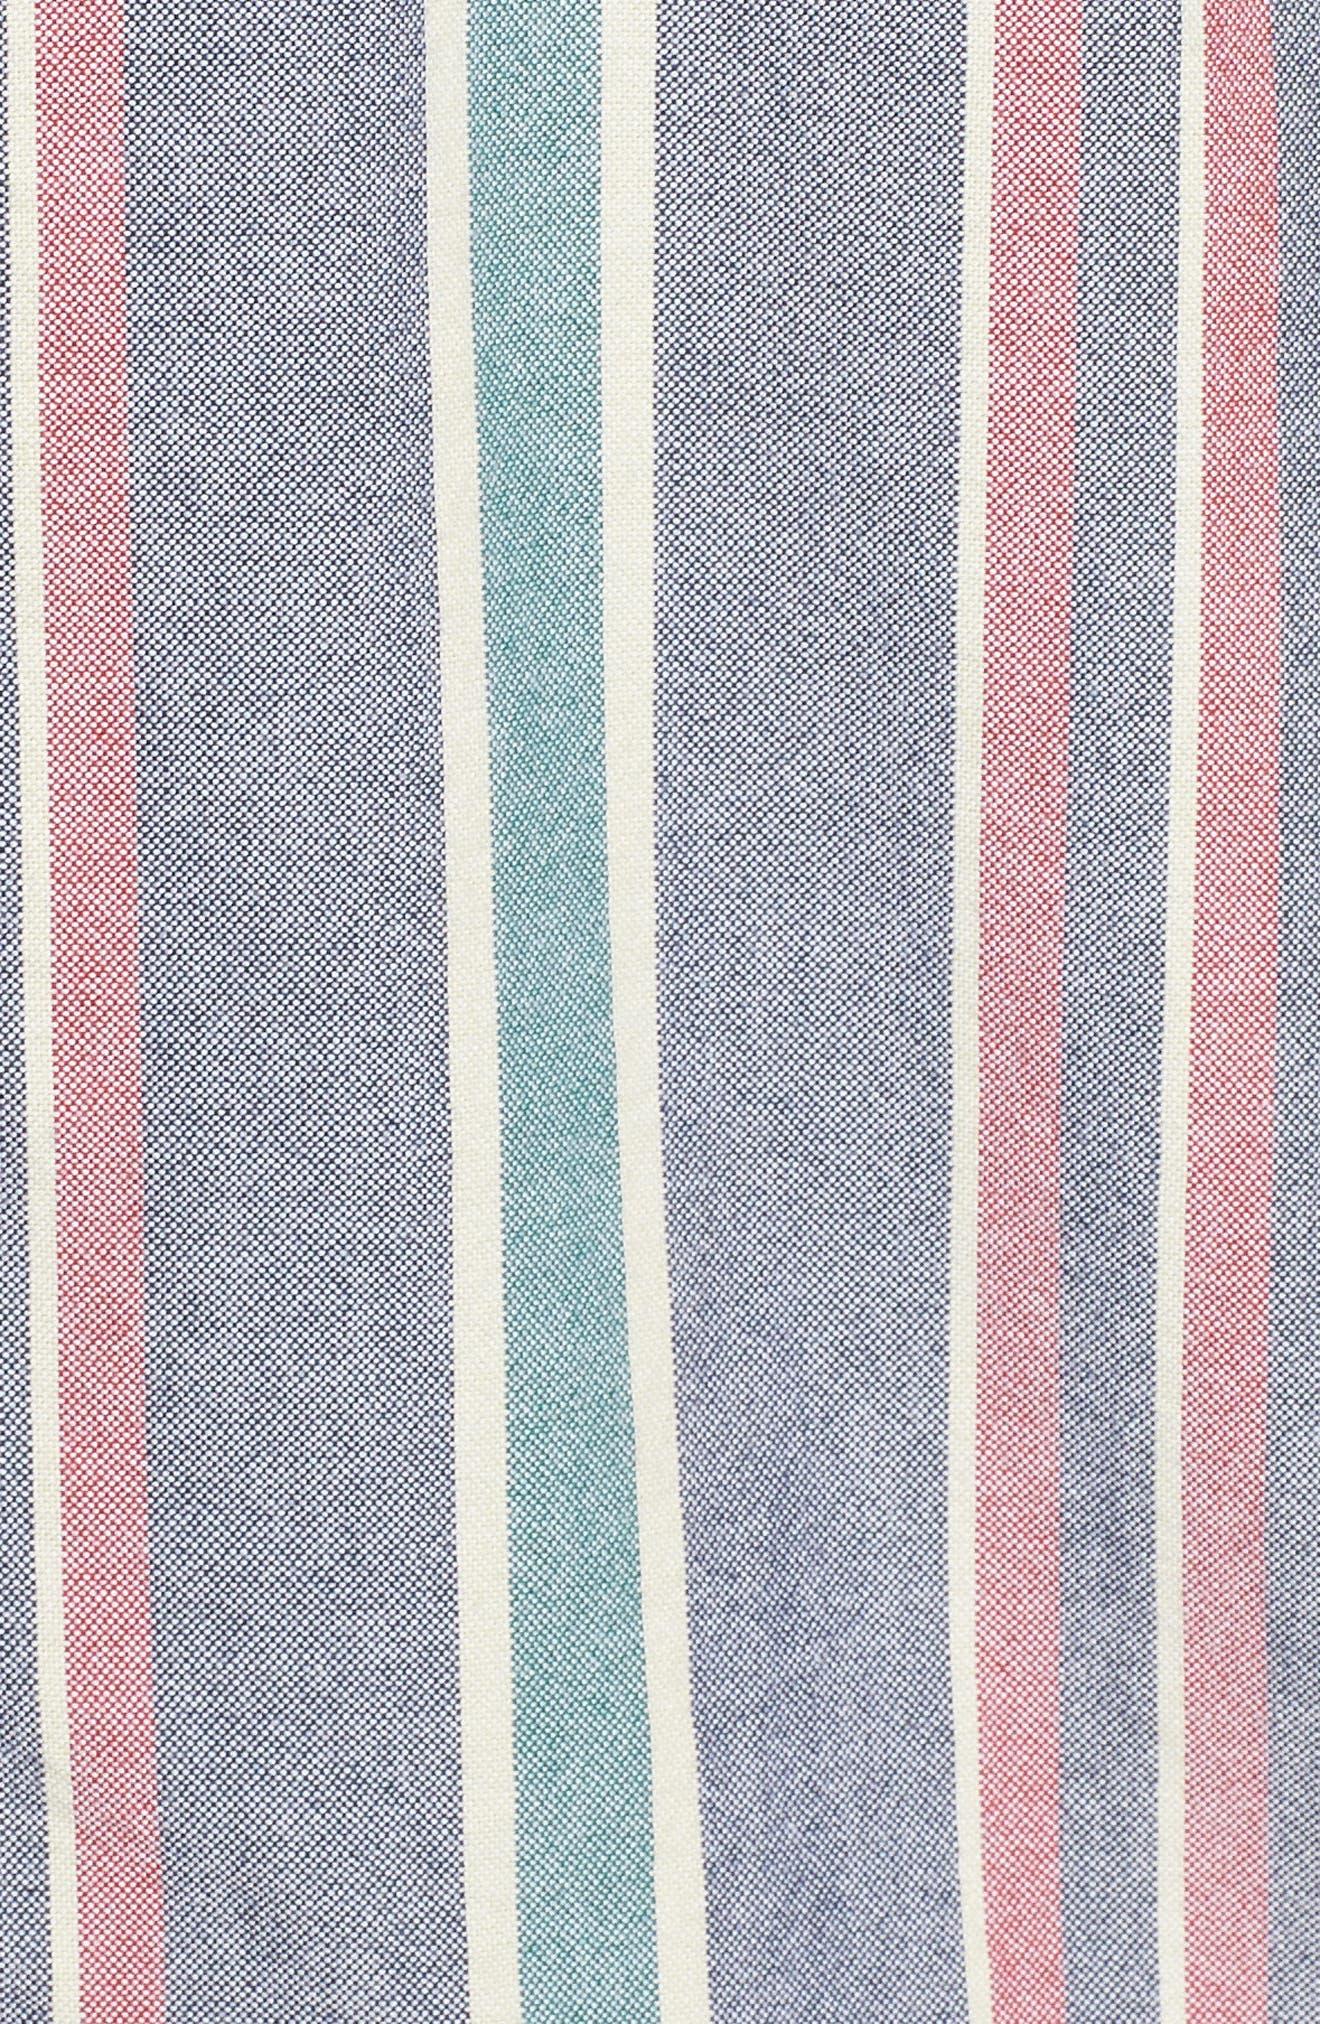 Houser Short Sleeve Shirt,                             Alternate thumbnail 5, color,                             DRESS BLUES/ EVERGREEN